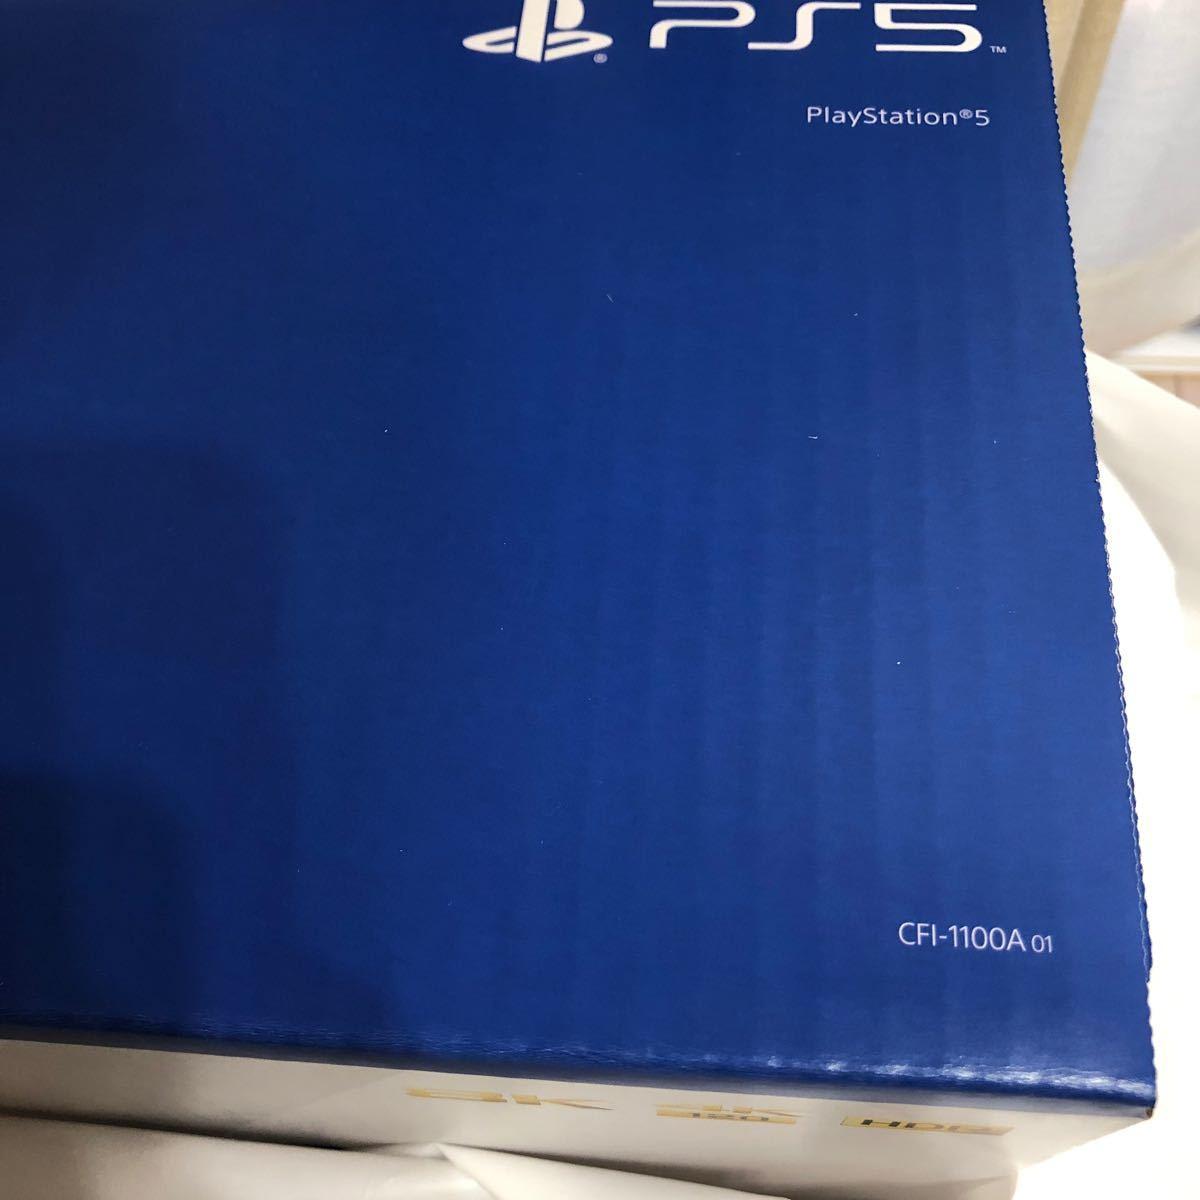 新型【新品未開封】PlayStation5 CFI-1100A01 PS5 本体 ディスクドライブ 825GB 送料込